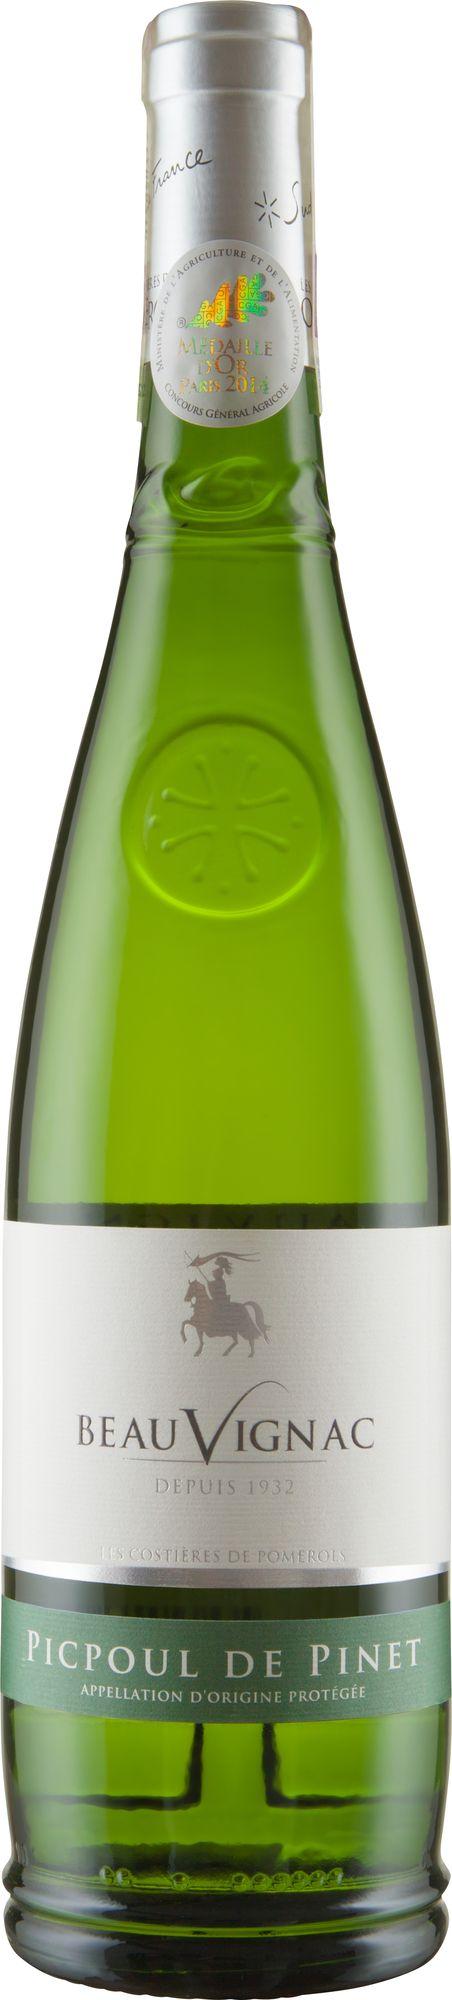 Wino Costieres Pomerols Beauvignac Picpoul de Pinet Coteaux du Languedoc AOP